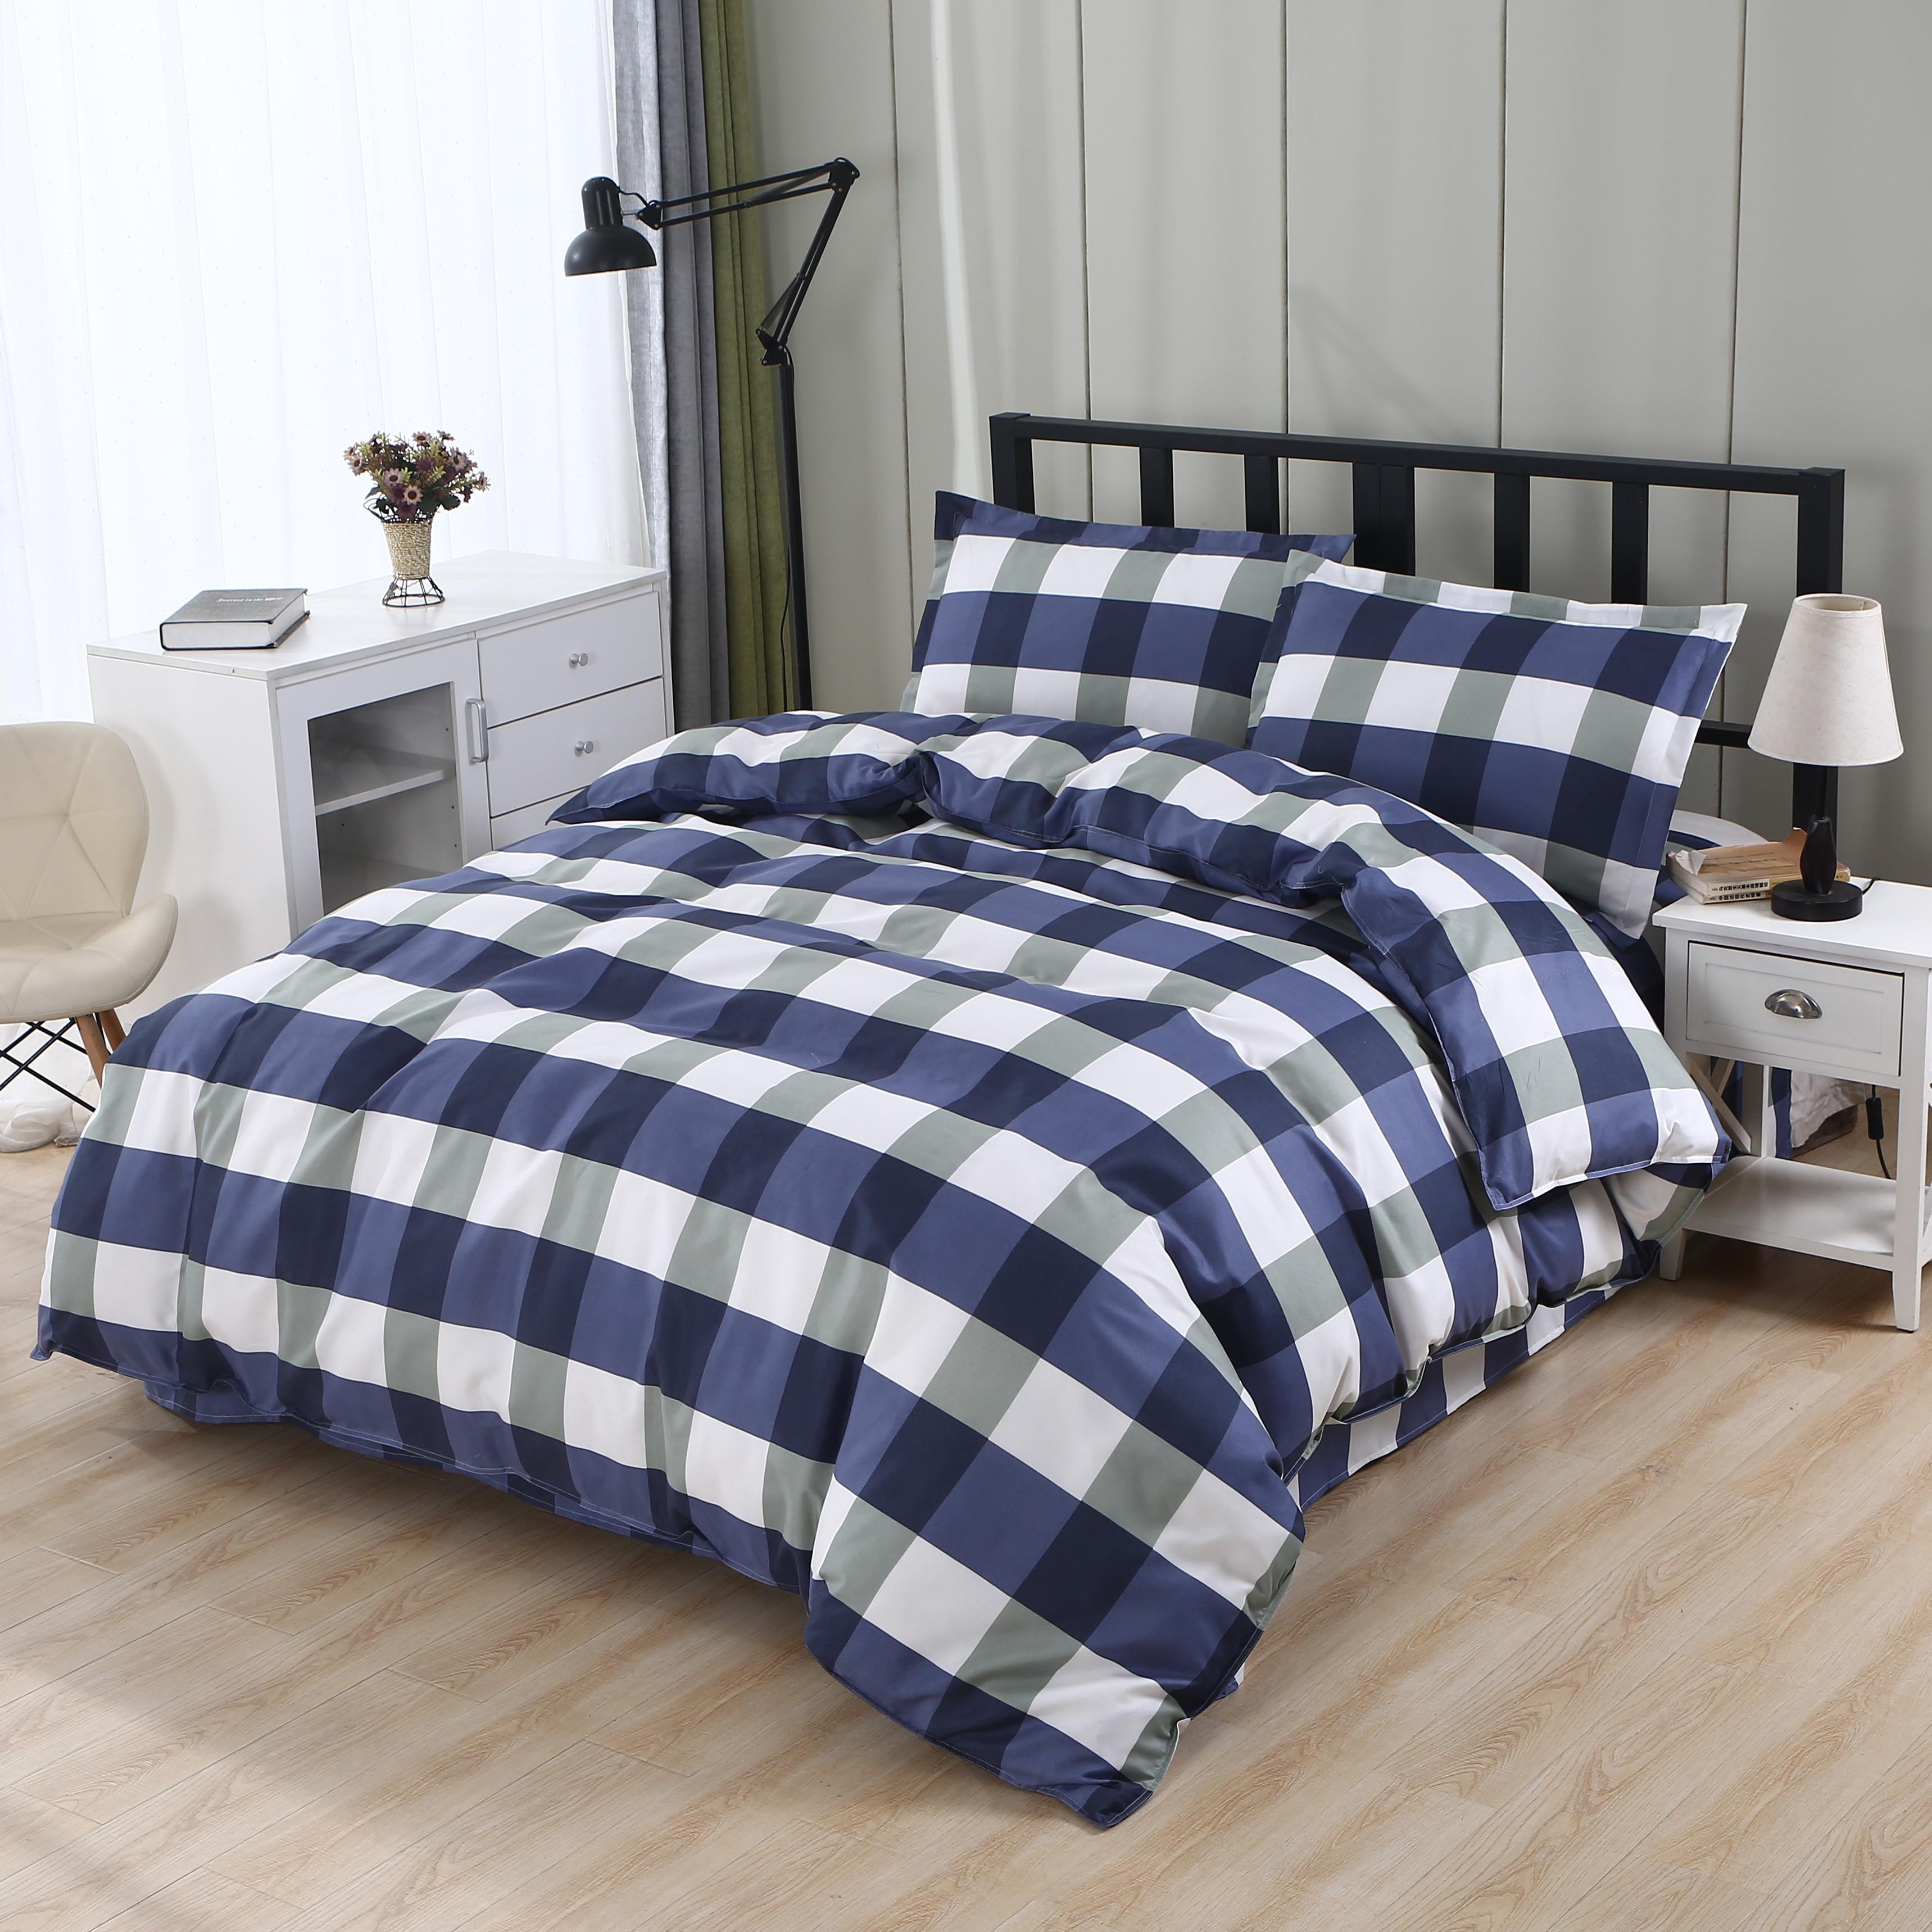 Mecerock Комплект постельного белья из 100% полиэстера Пододеяльник Простыня Простыня Наволочка Twin Полный размер короля King Size эластичный простыня